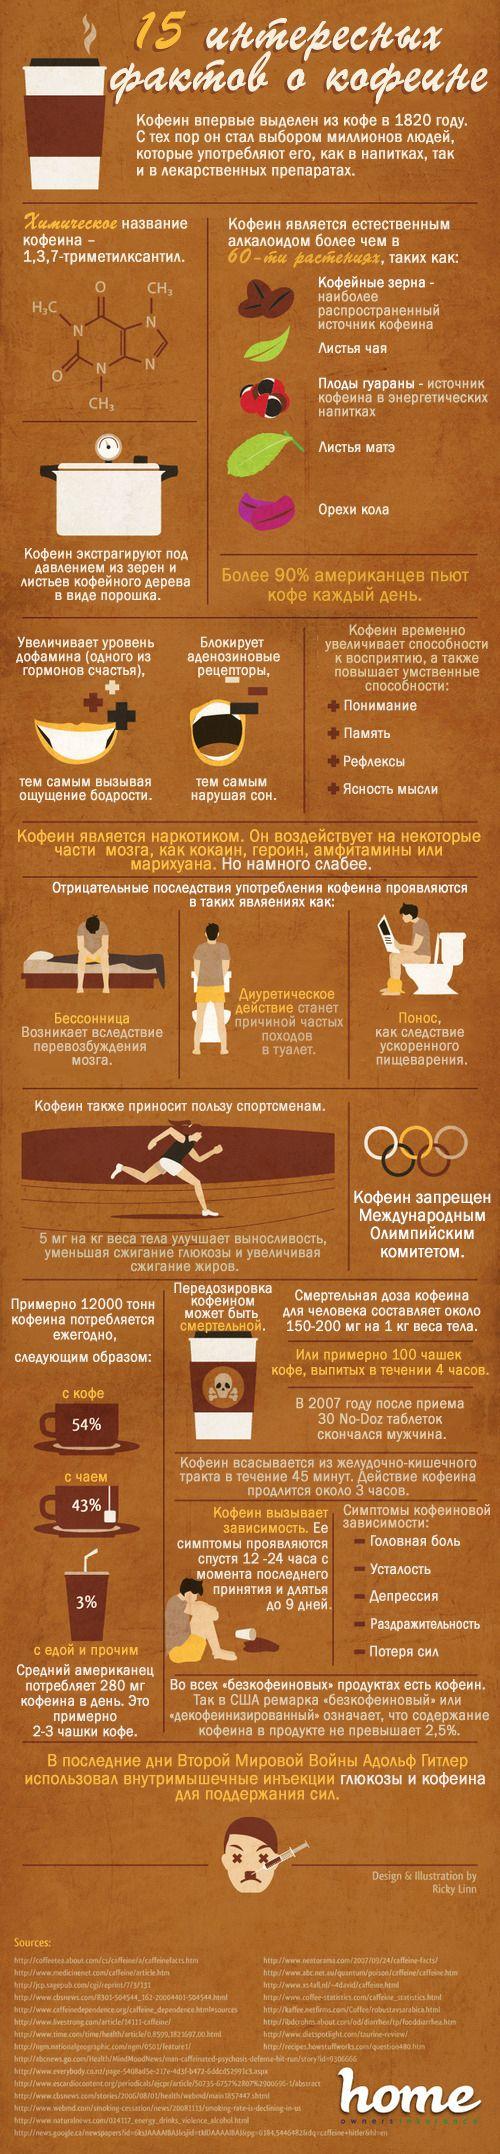 15 интересных фактов о кофеине | lifehacker.ru